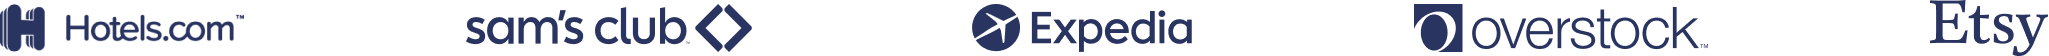 PostTap Partners Hotels.com Sams Club and Expedia logos